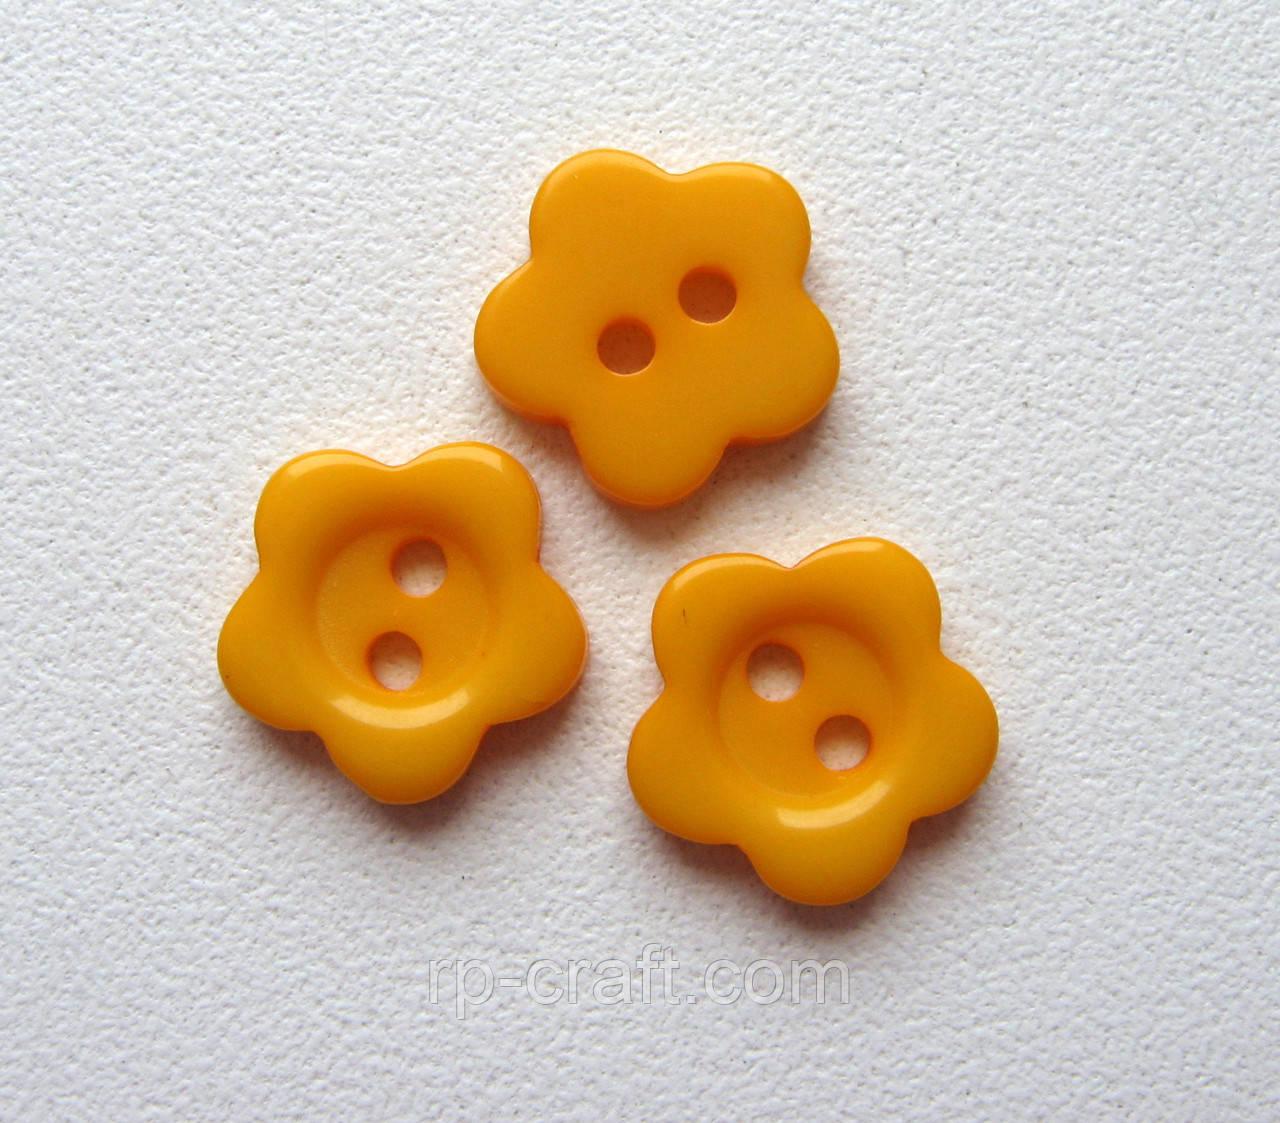 Пуговица пластиковая, декоративная, фигурная. 10 мм Цветок желтый